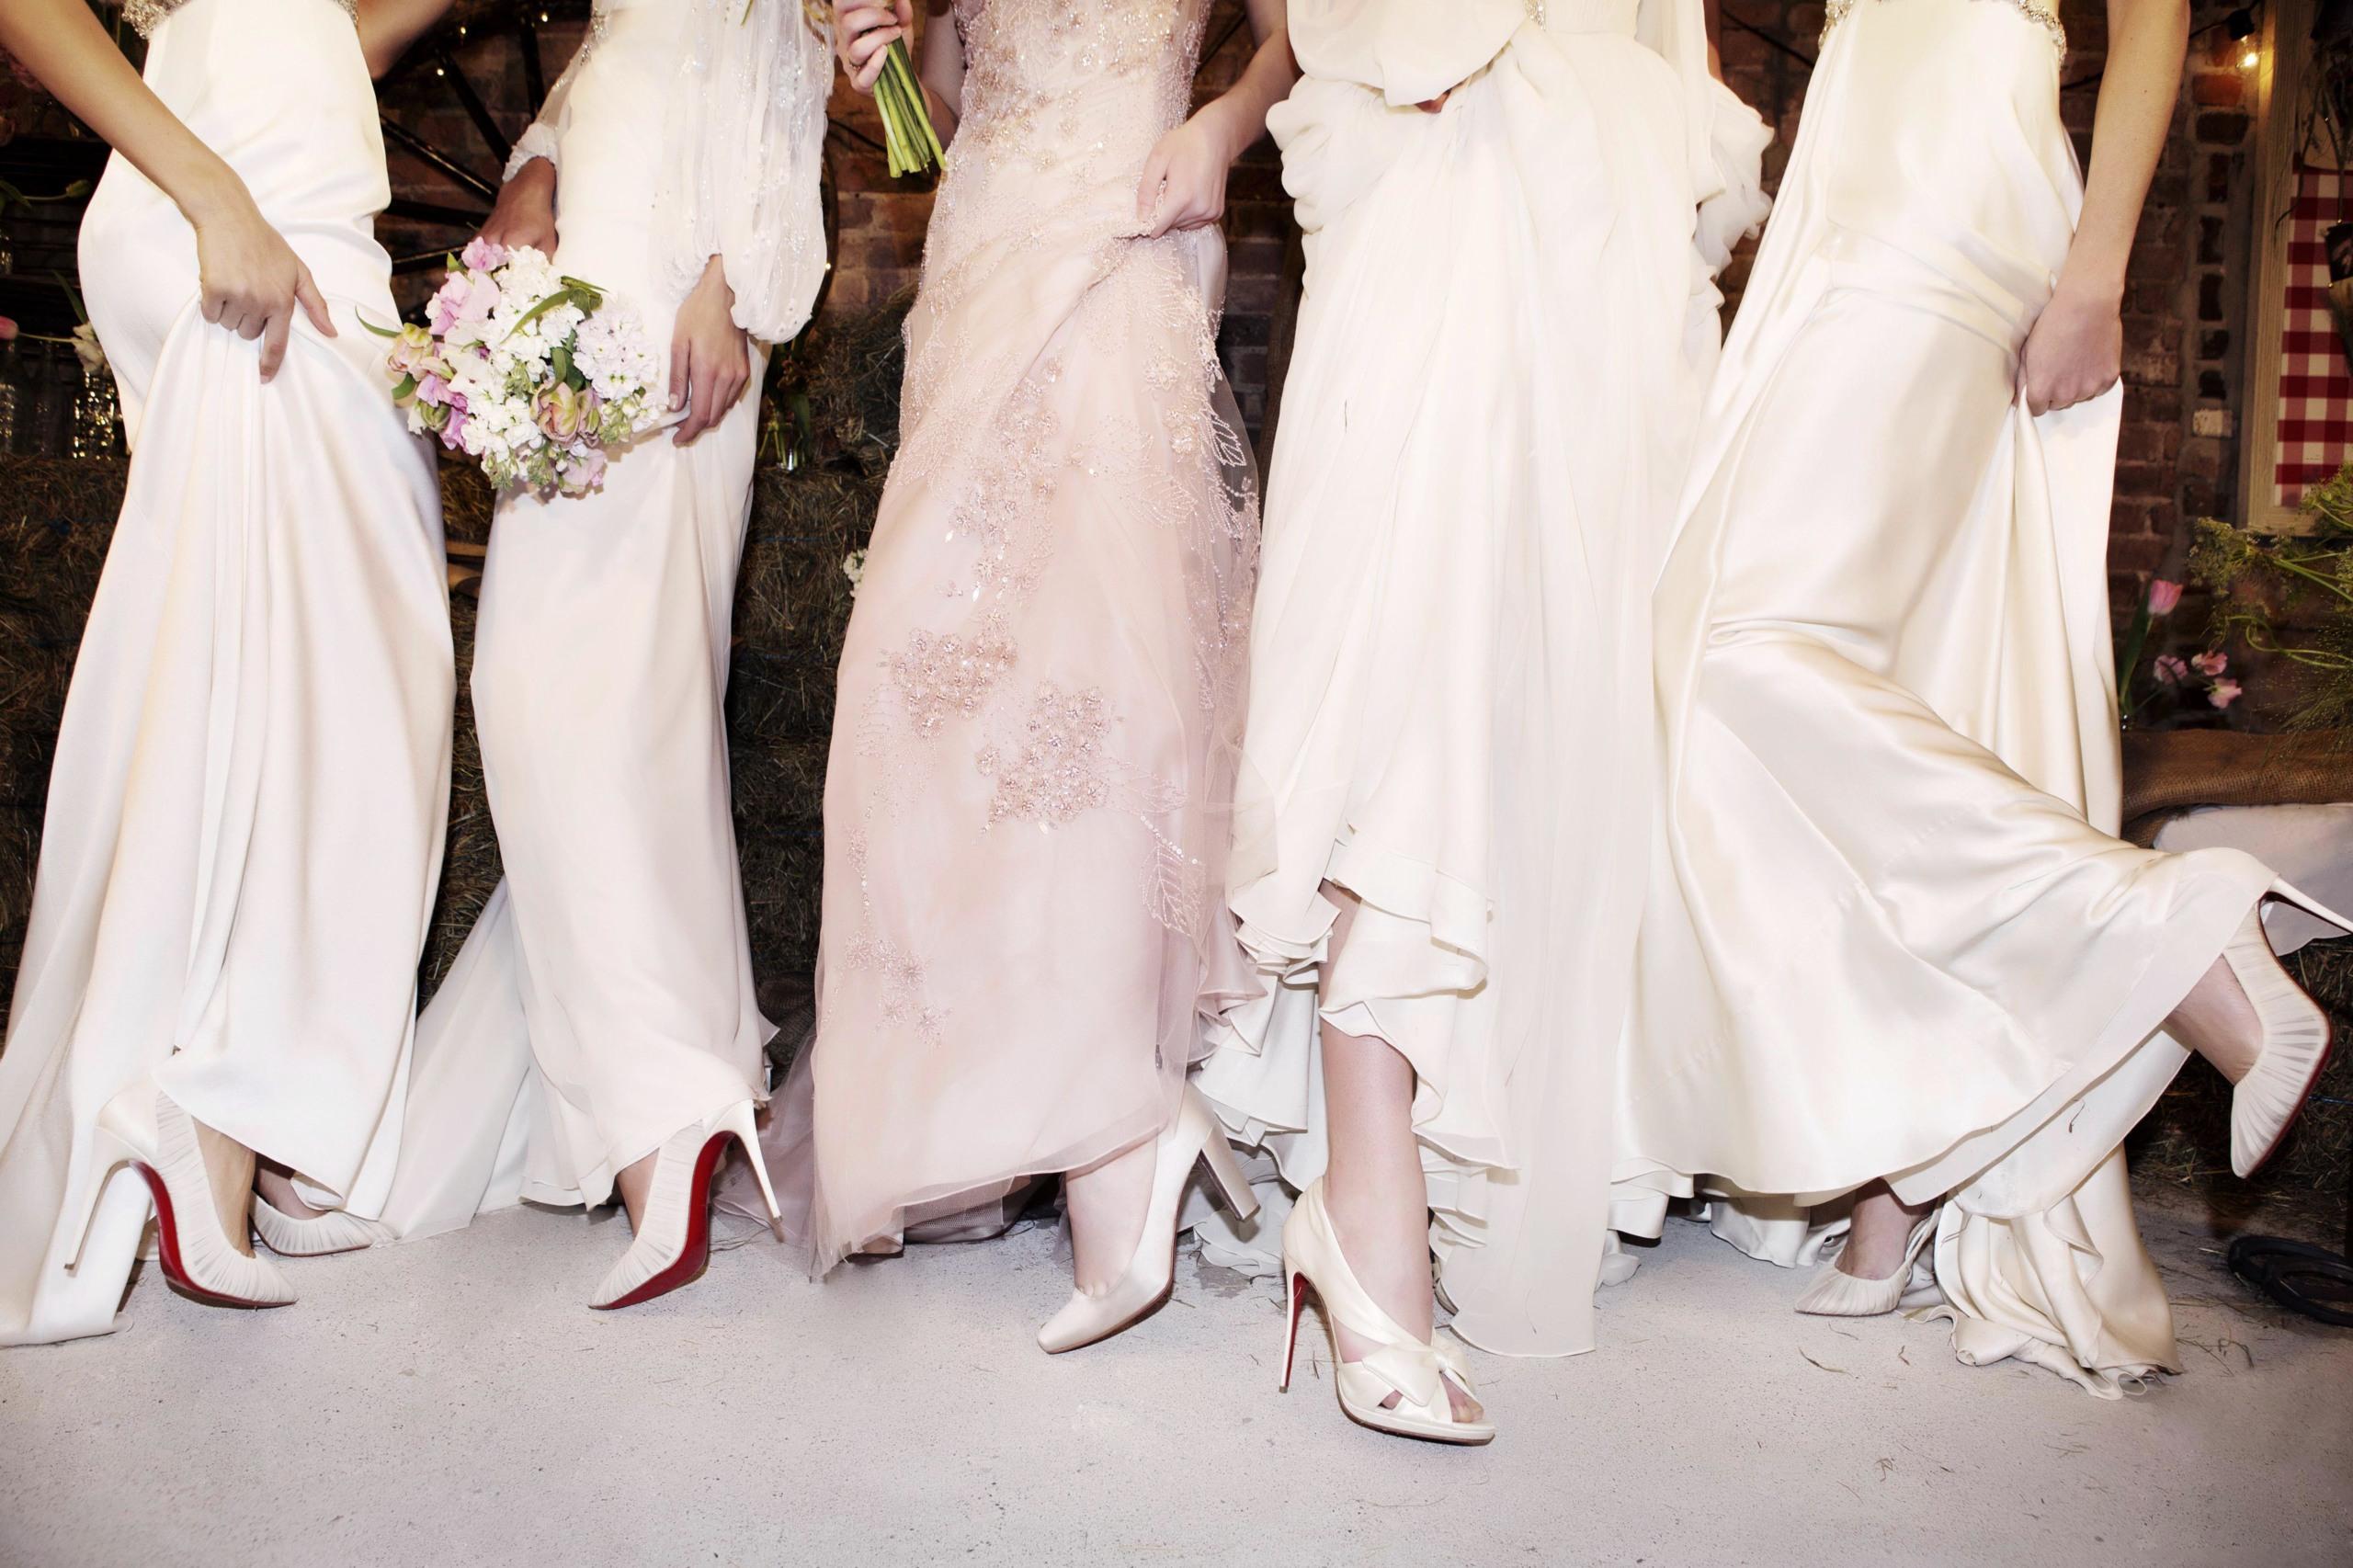 Foto de Christian Louboutin en Bridal Fashion Week 2017 (11/11)